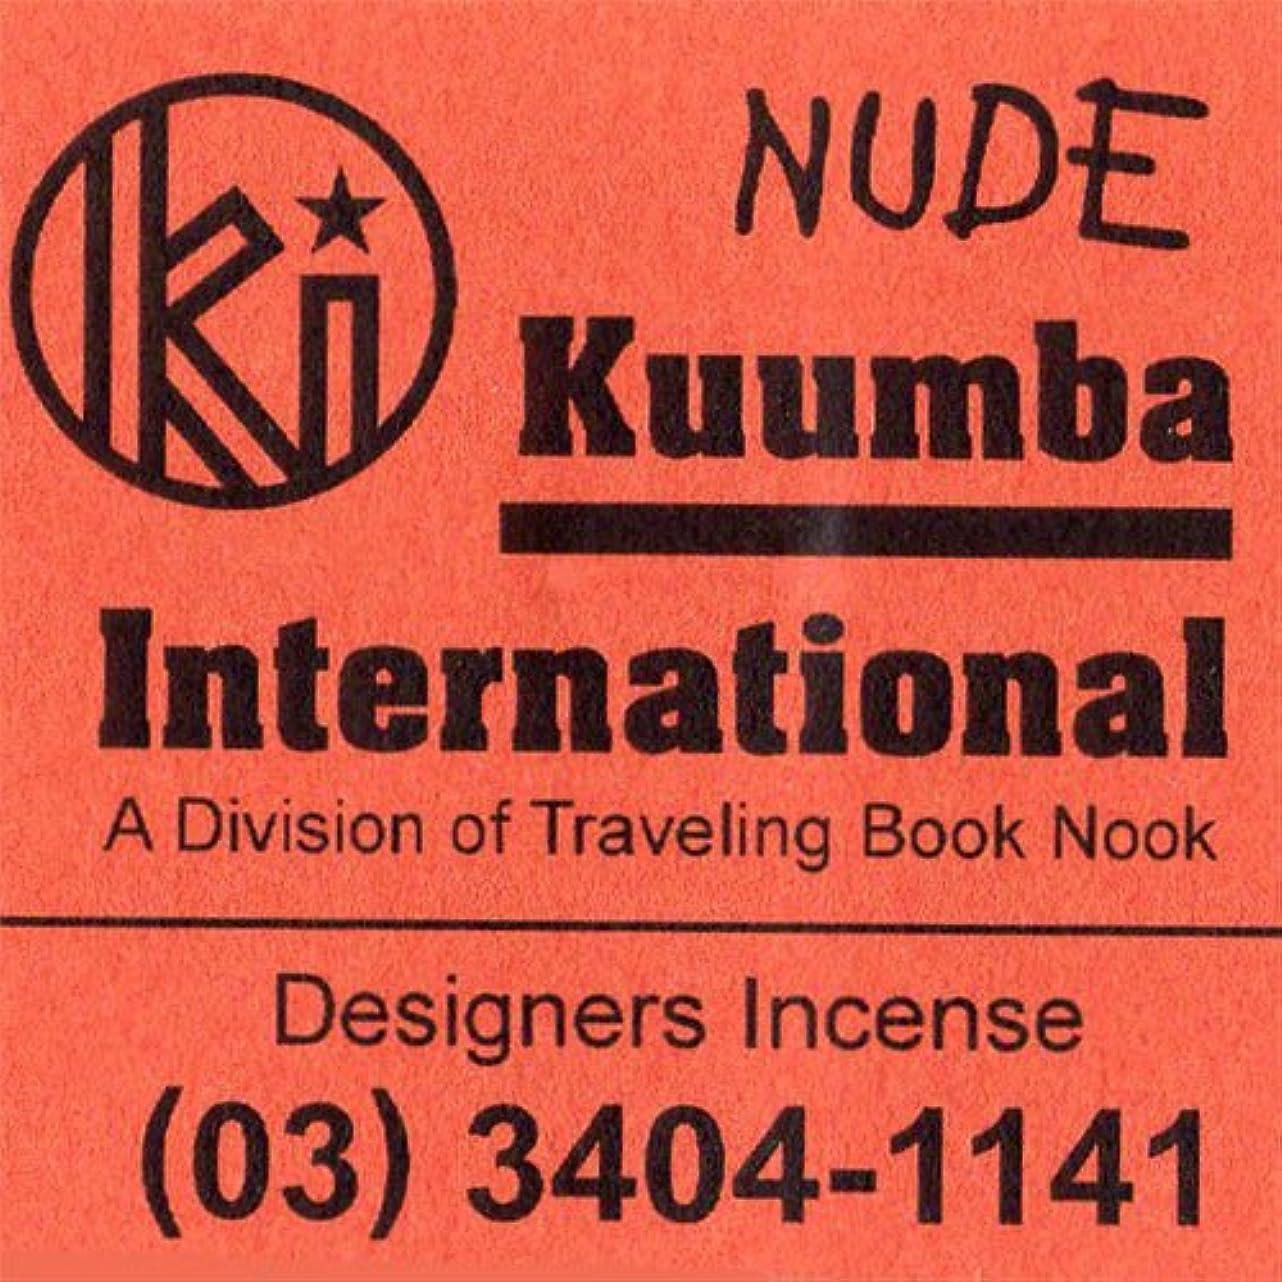 ロッカー知性付録KUUMBA / クンバ『incense』(NUDE) (Regular size)